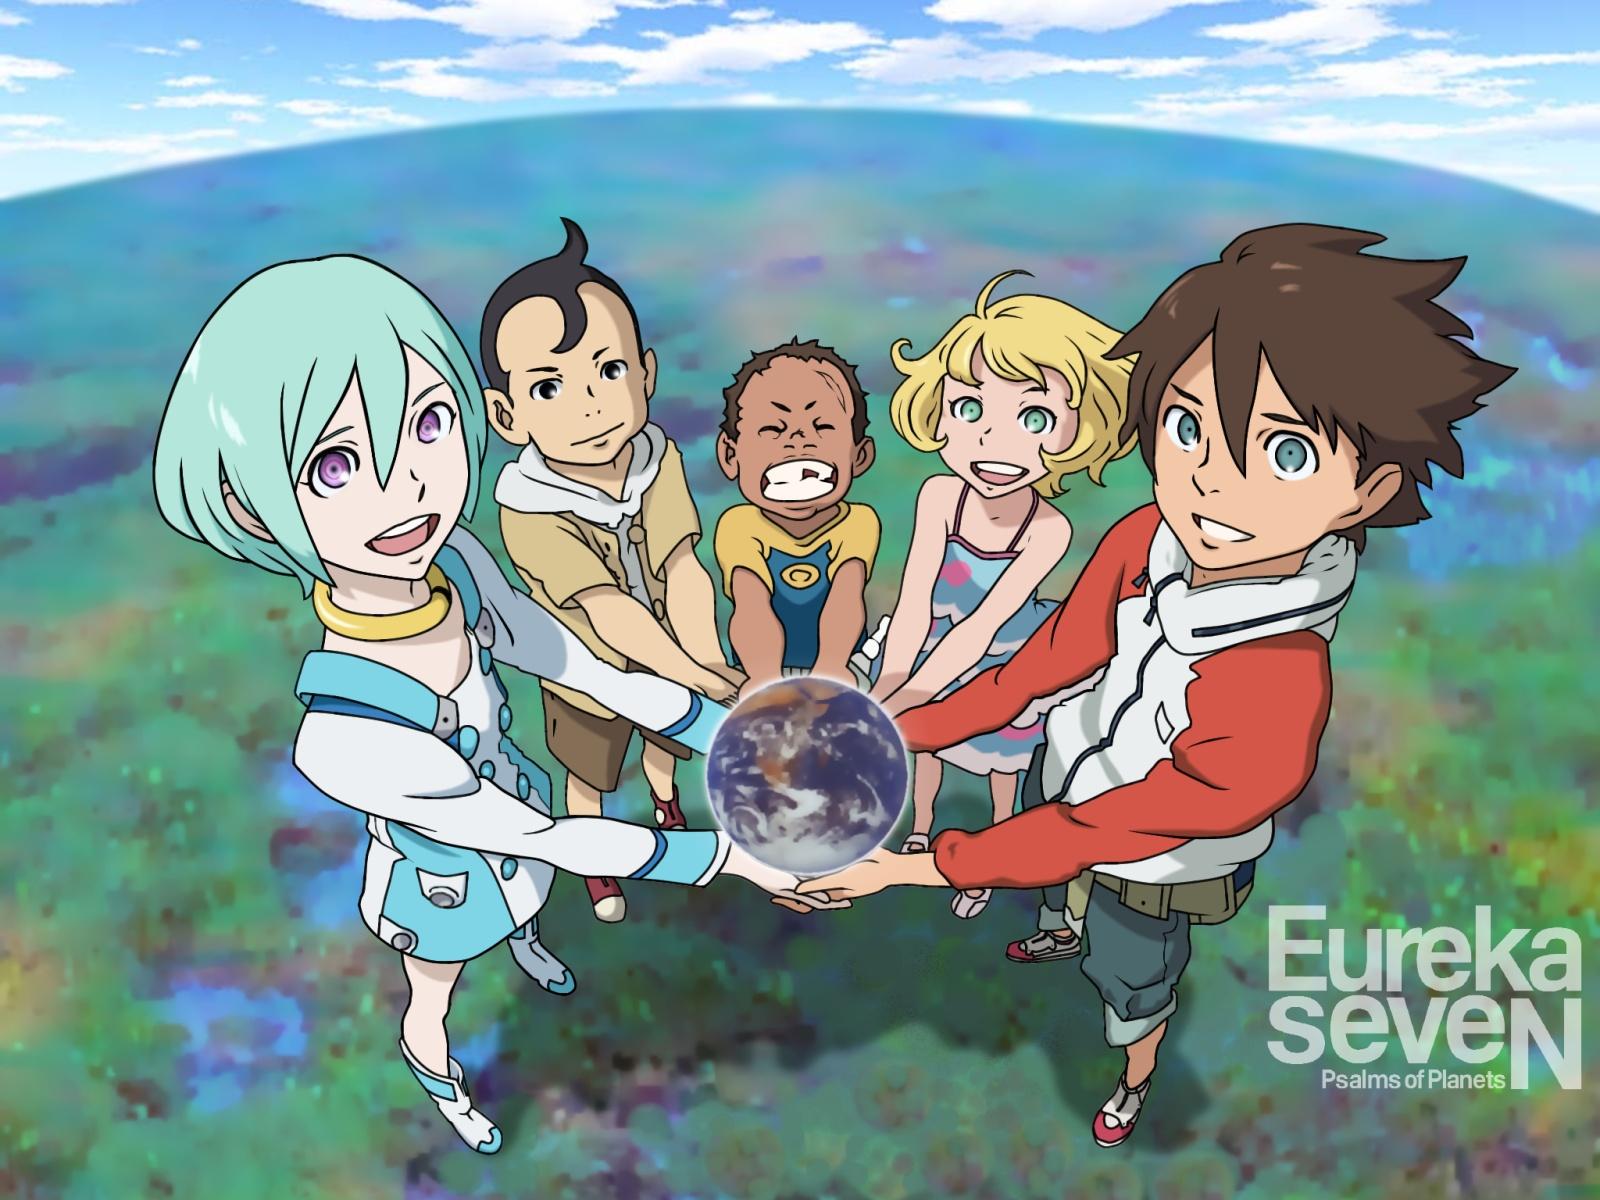 Eureka Seven Movie Eureka Seven